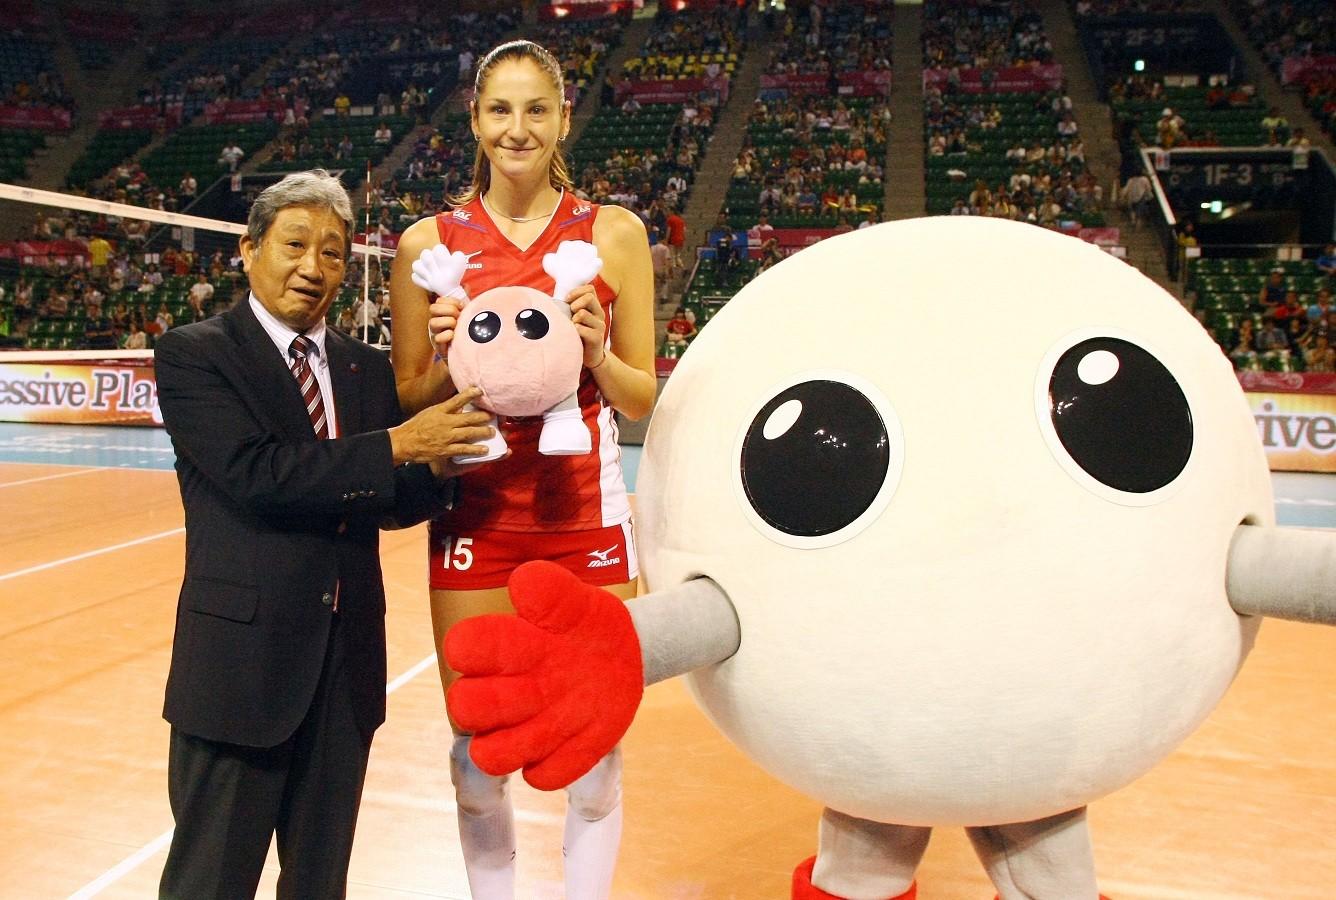 遗憾,俄罗斯女排强力主攻无缘世锦赛,中国女排少一个竞争对手